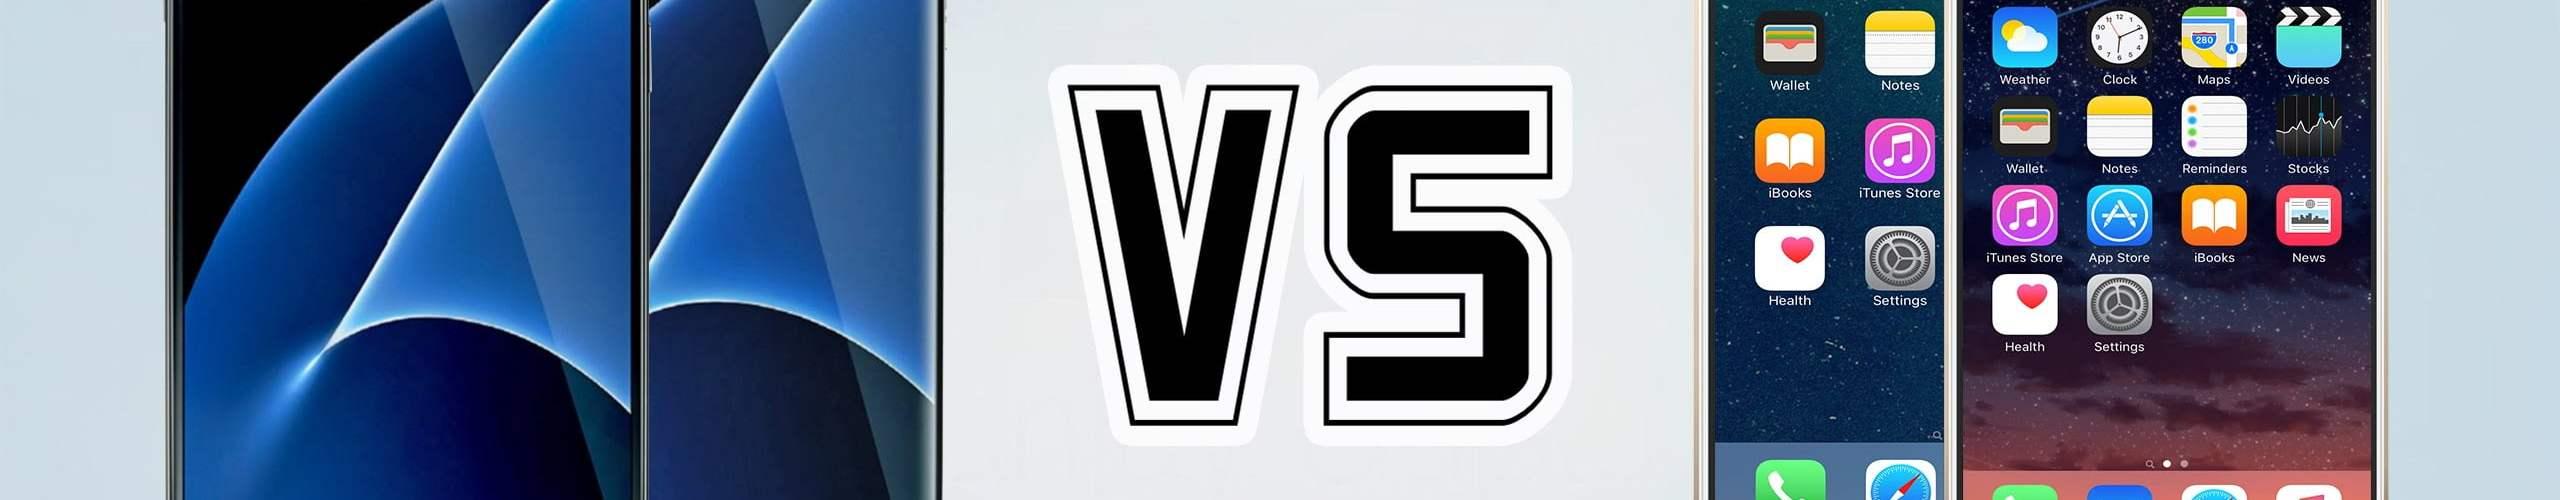 iPhone 7 vs,